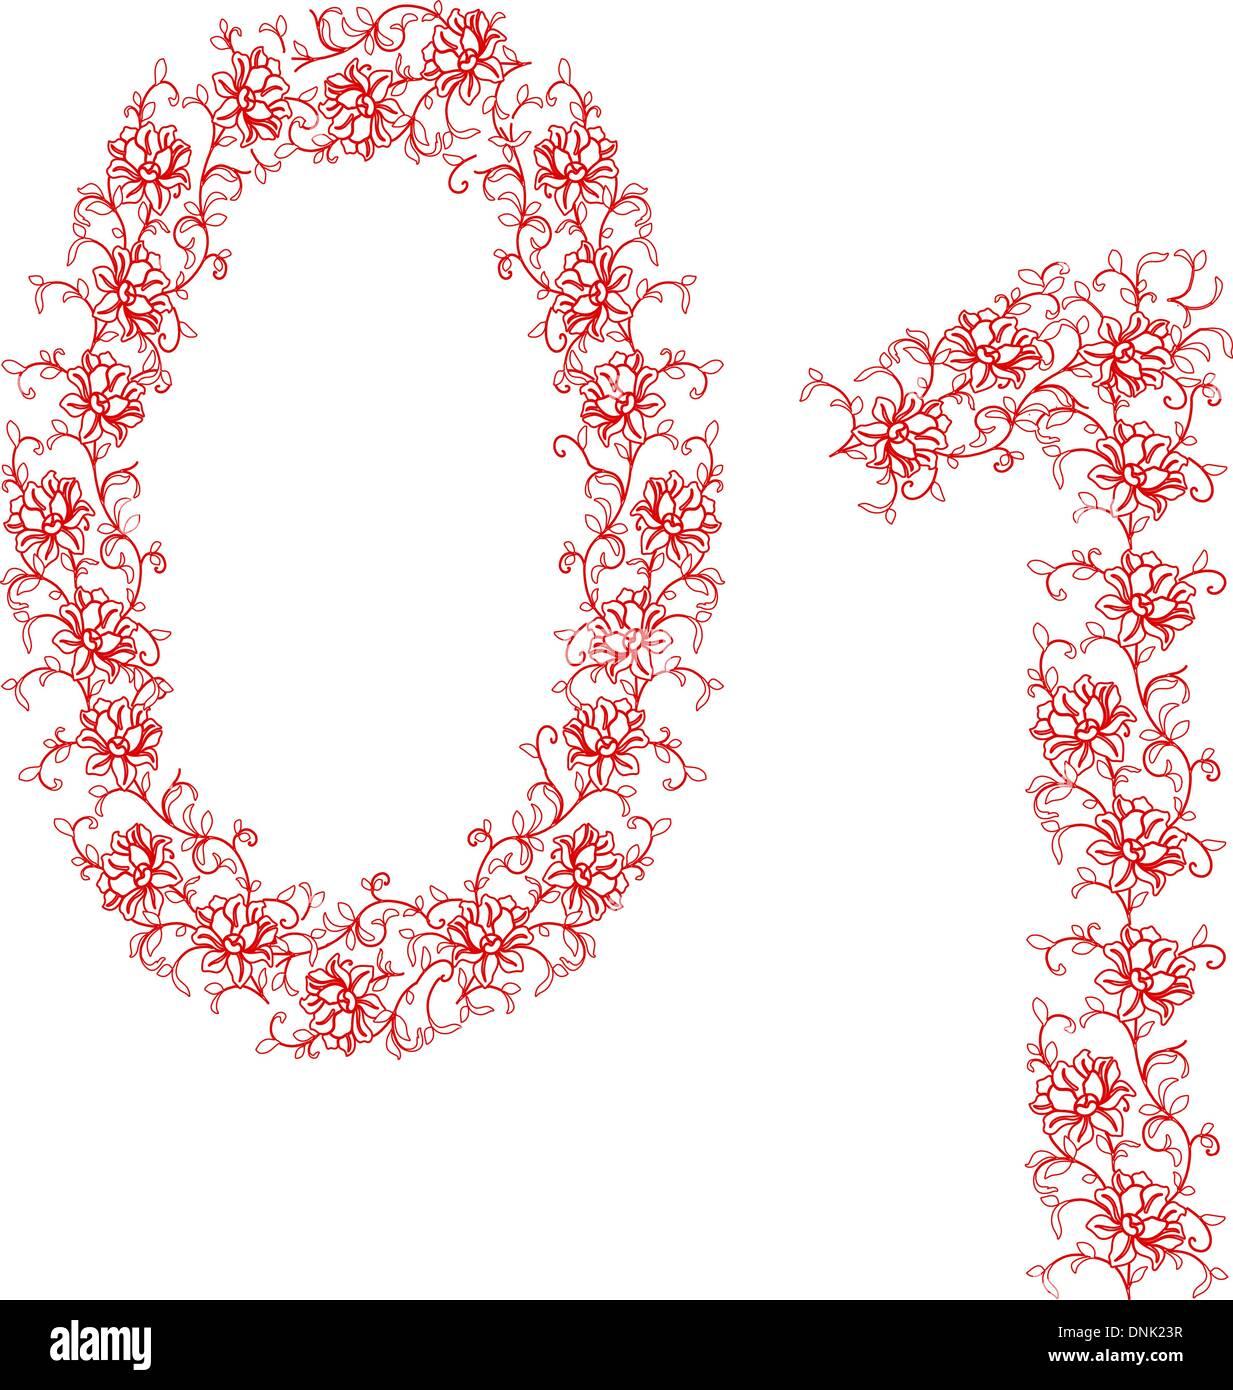 Dibujo a mano alzada alfabeto ornamental. Carta 01 Ilustración del Vector